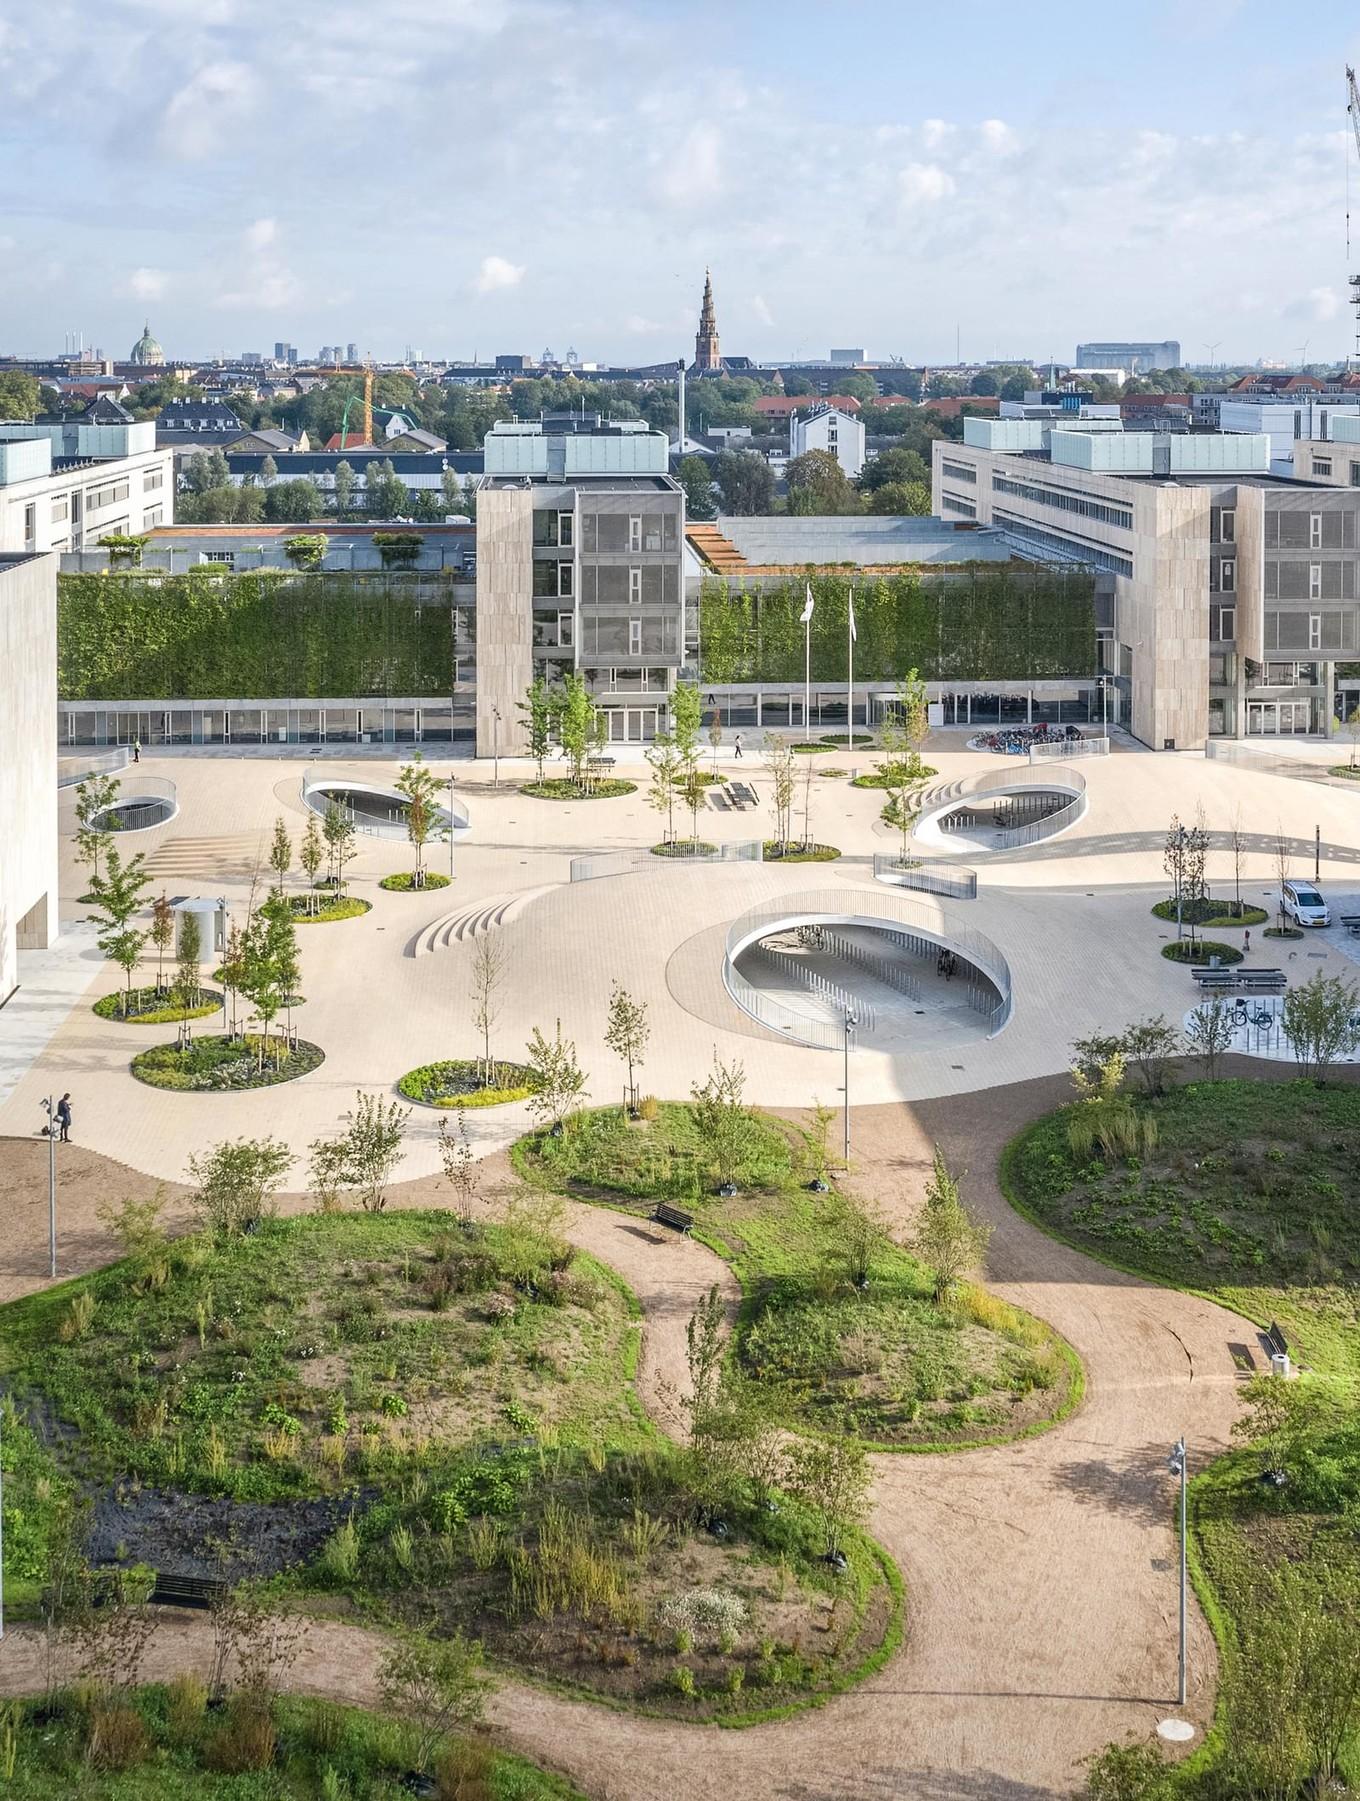 Велопарковка под бетонными холмами в Копенгагене